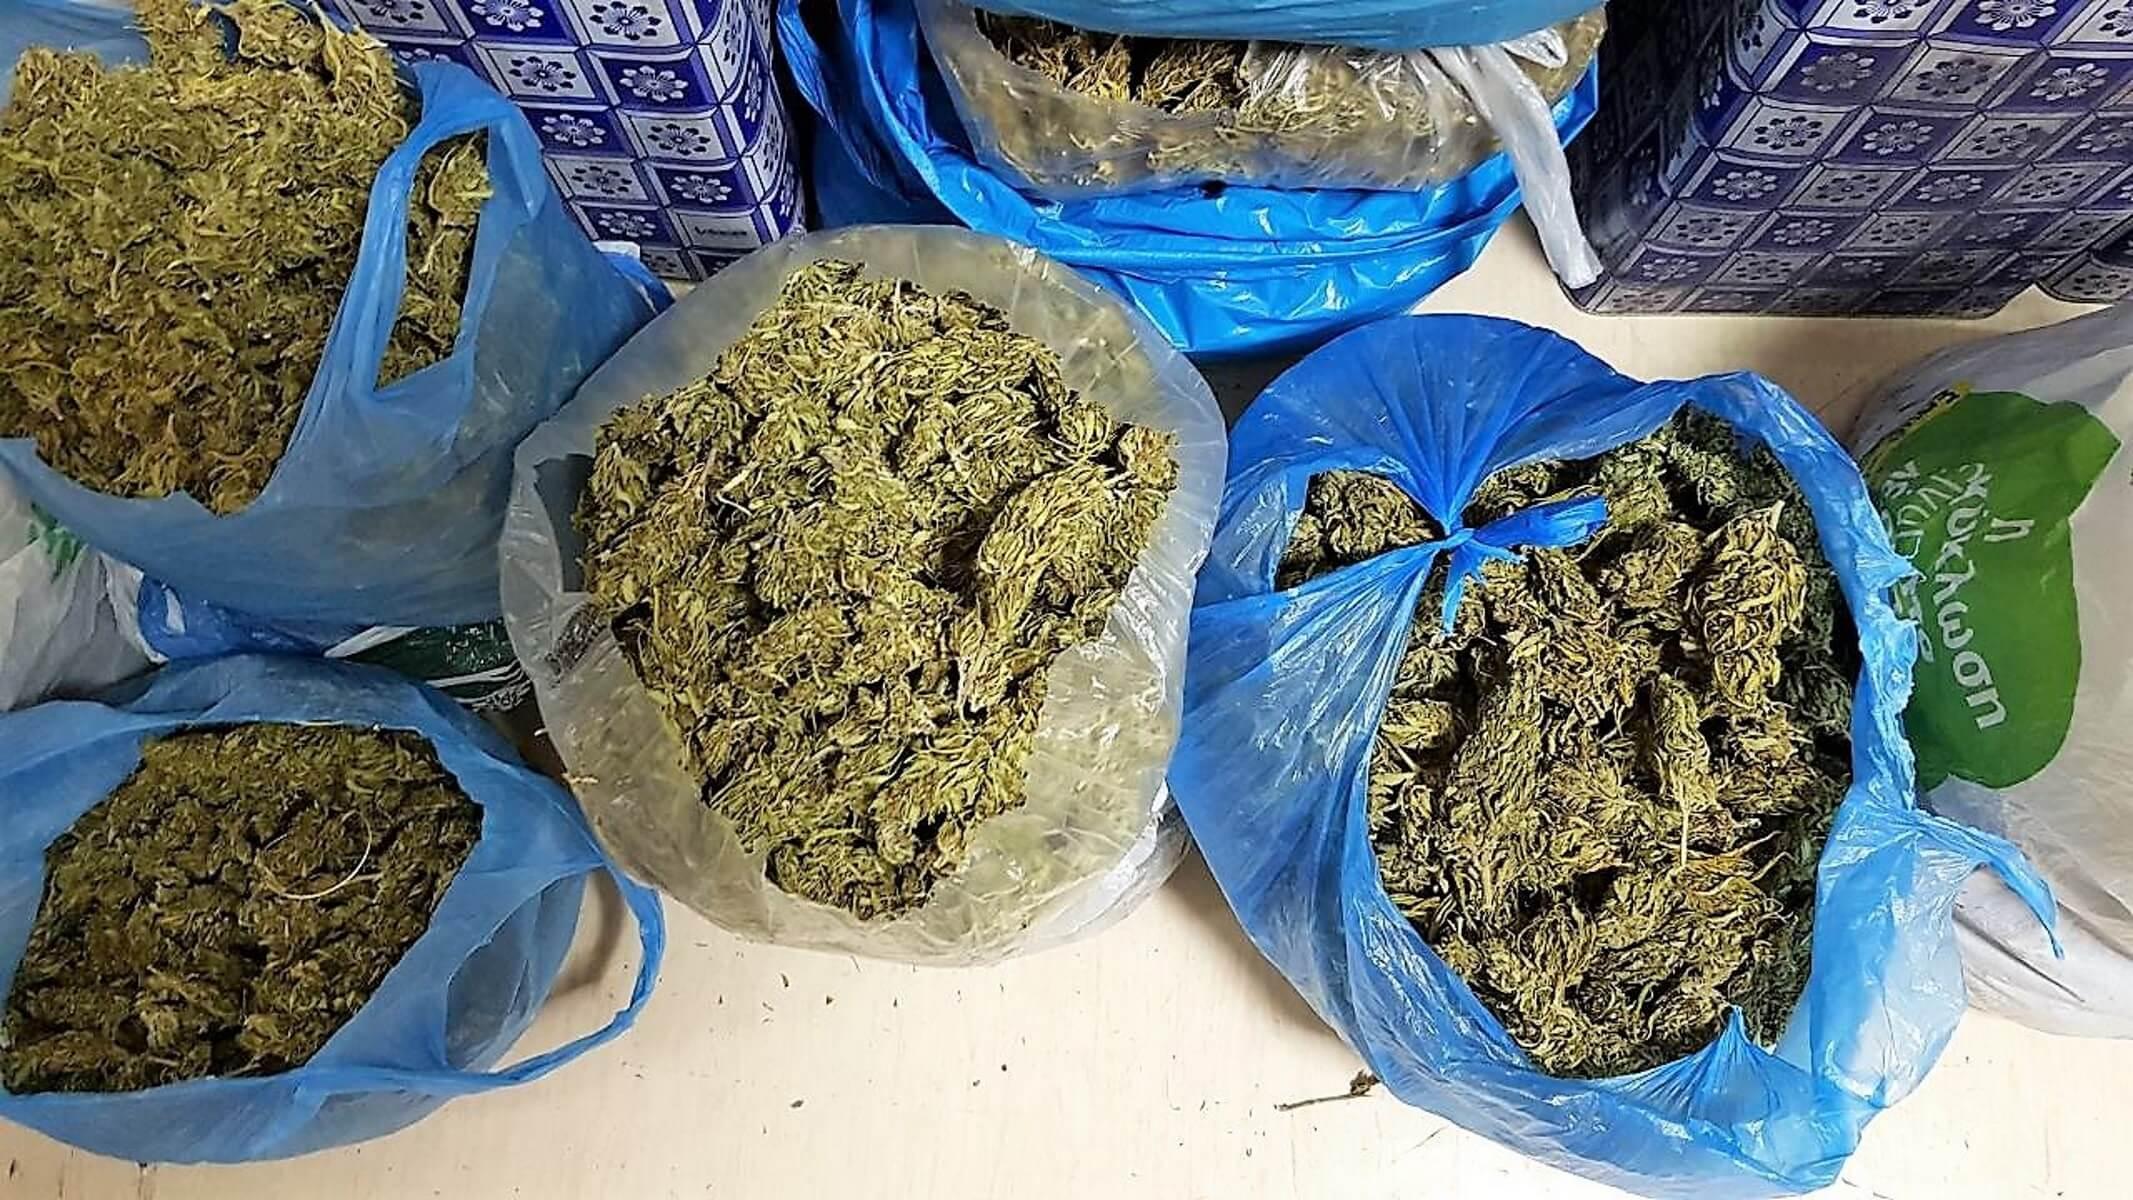 Κέρκυρα: Έκρυβε τα ναρκωτικά μέσα σε πλαστικά βαρέλια – video